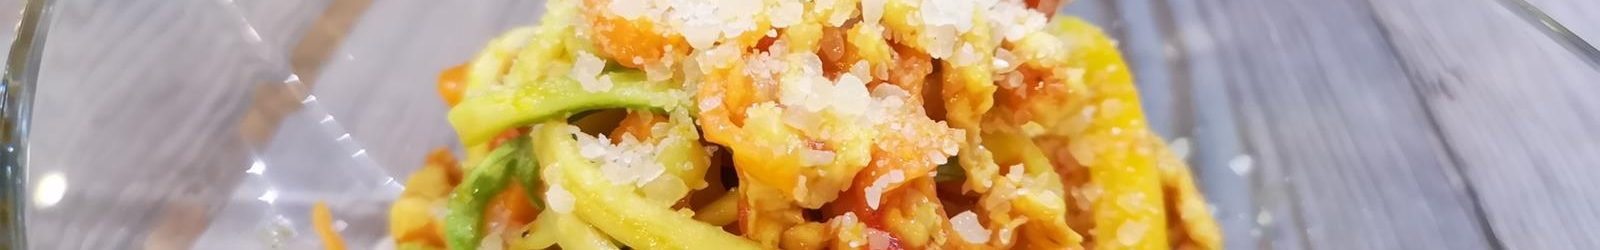 Spaghetti di verdure con ragù di tacchino – la ricetta